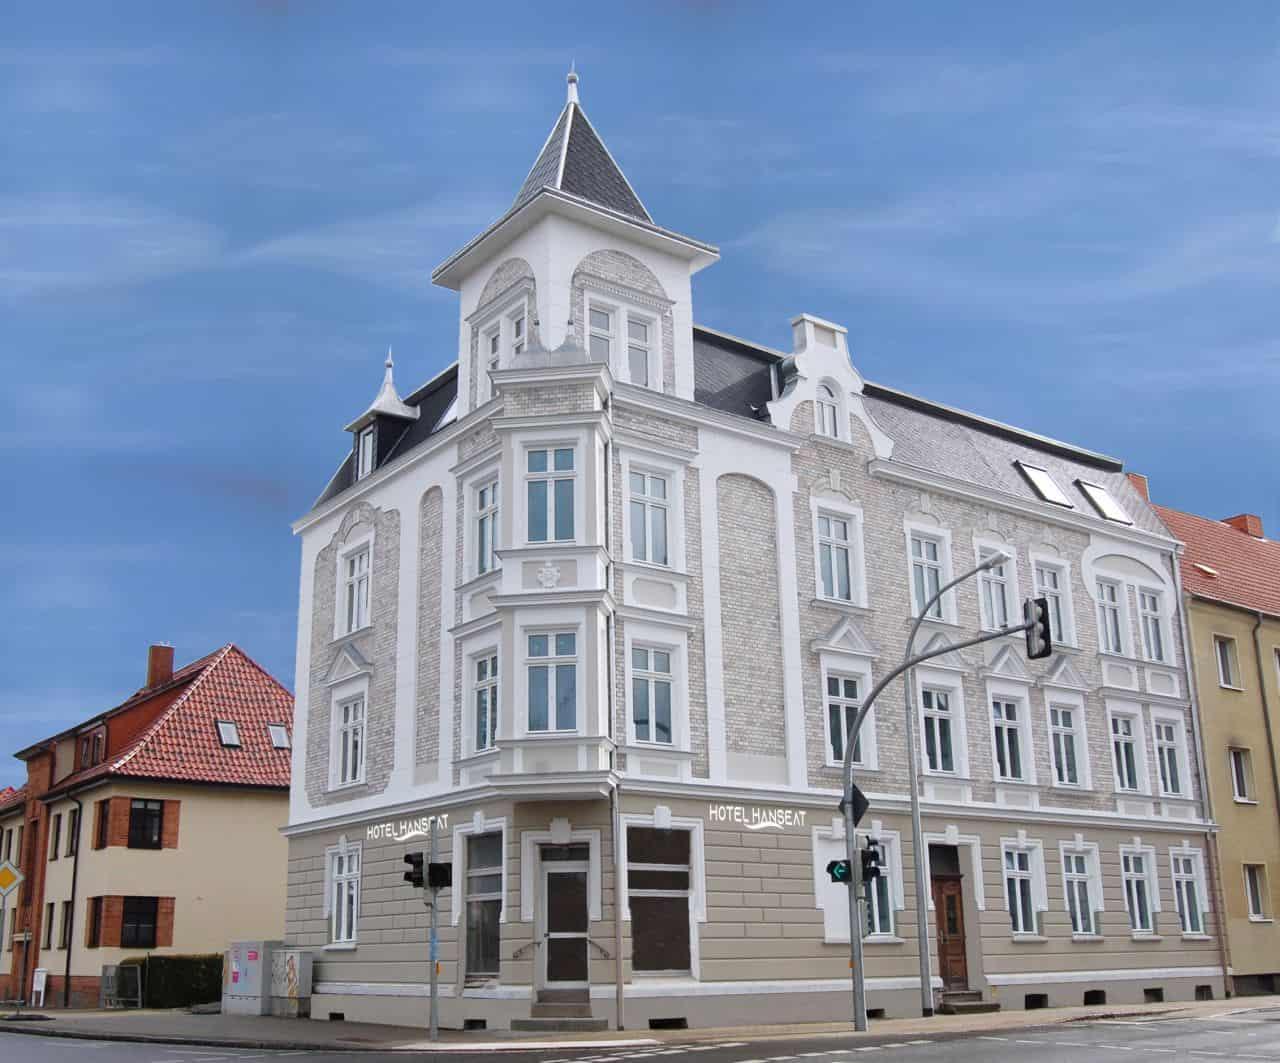 Hotel Hanseat Stralsund - Aussenansicht